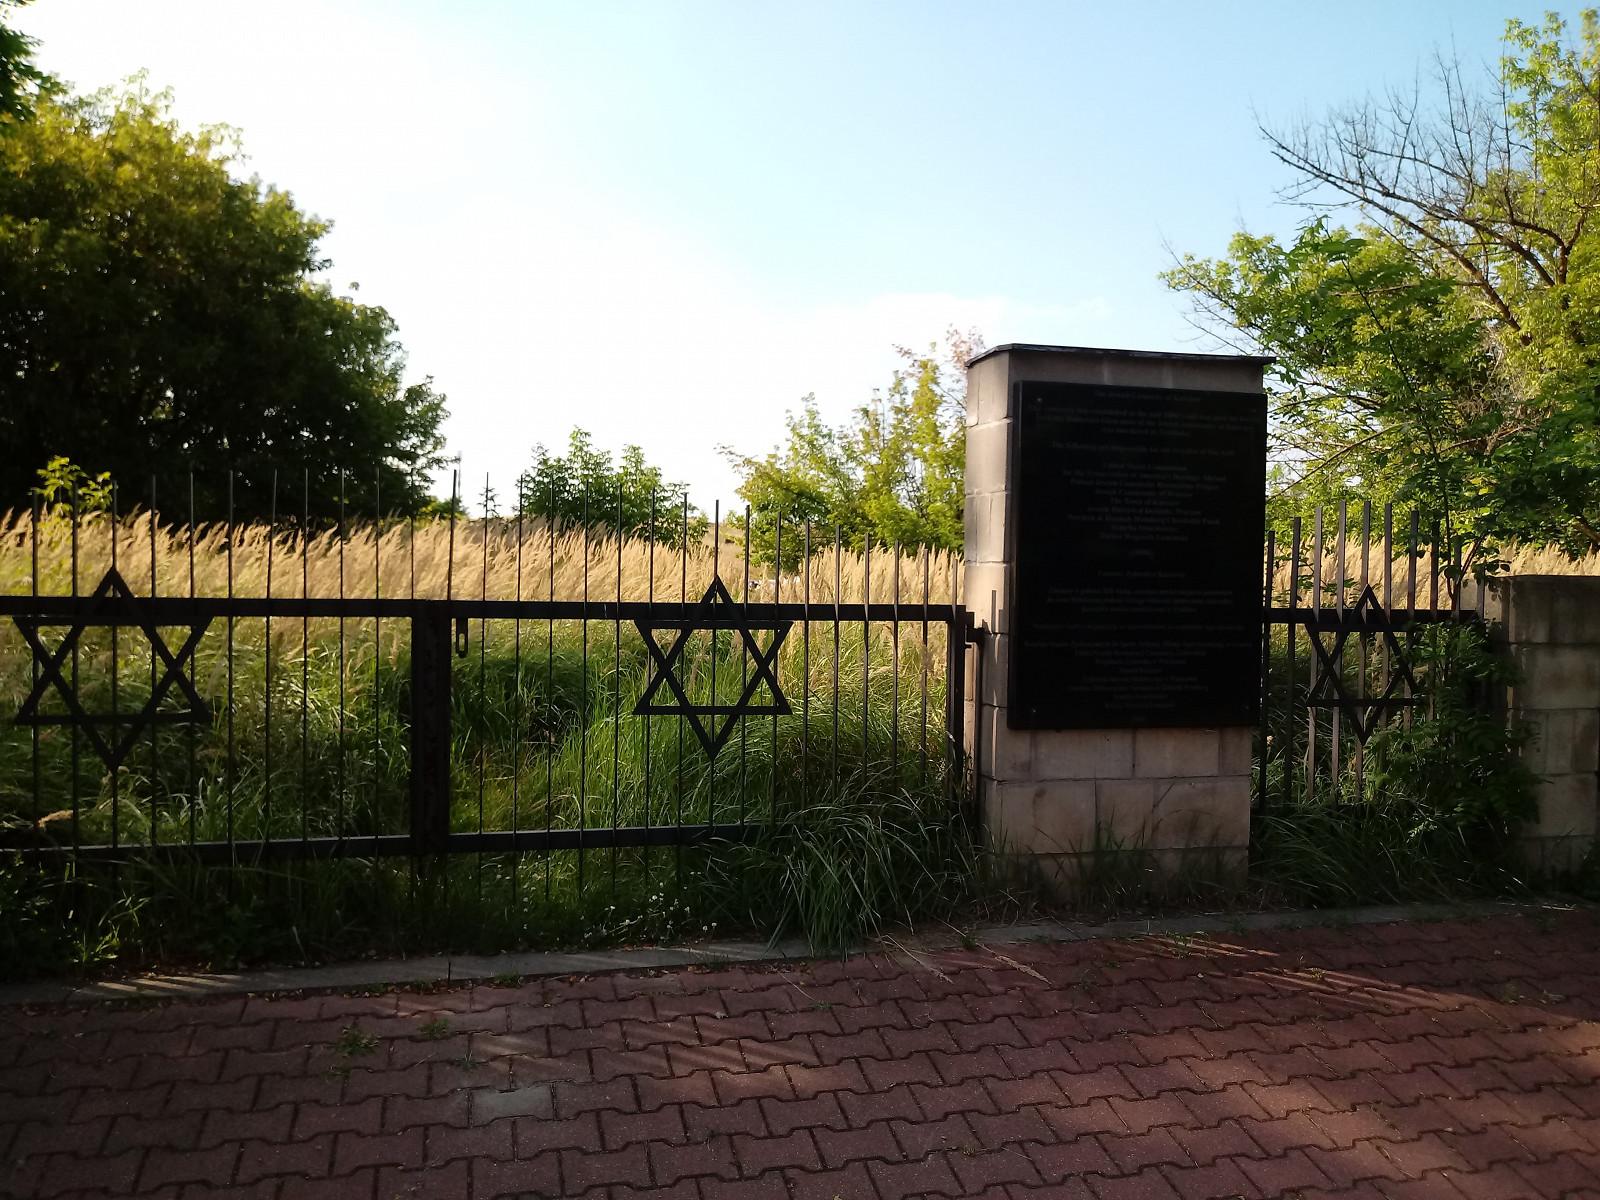 2021-08-20-karczew-cmentarz.jpg